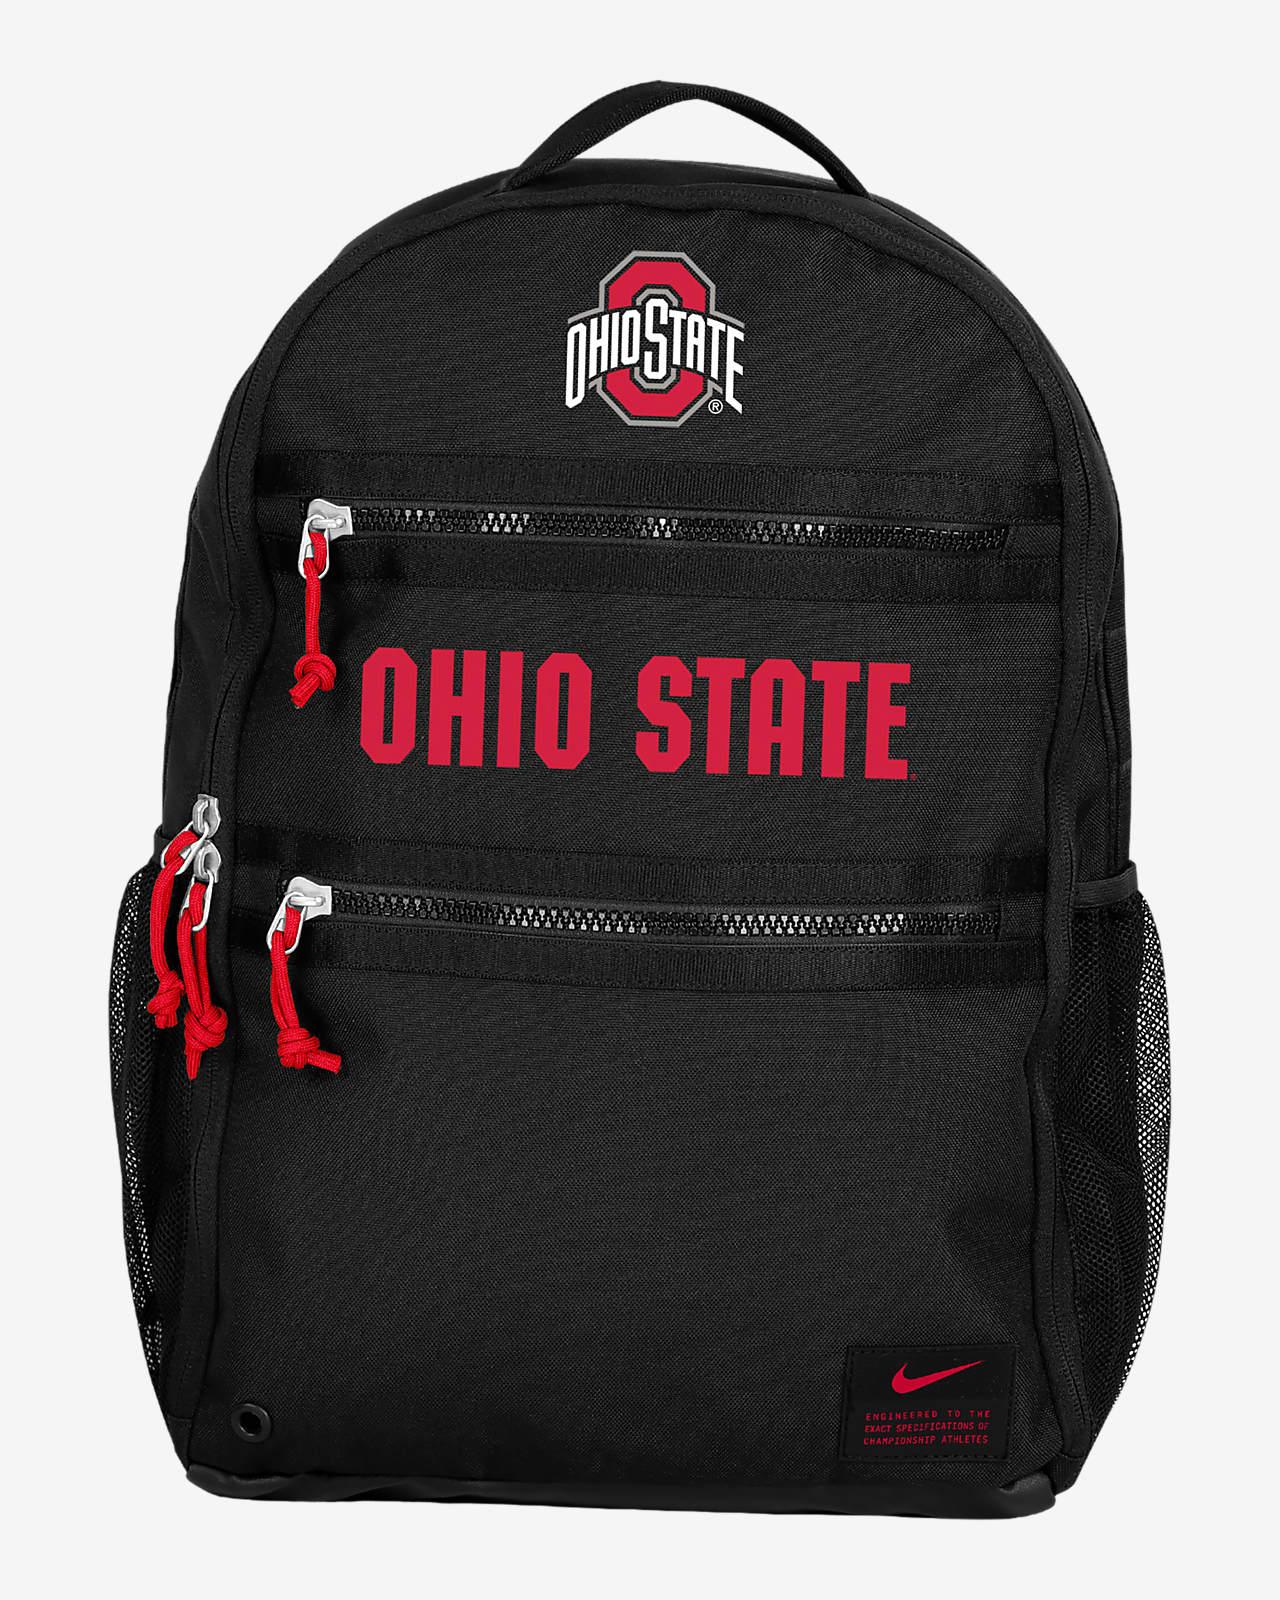 Nike College (Ohio State) Backpack